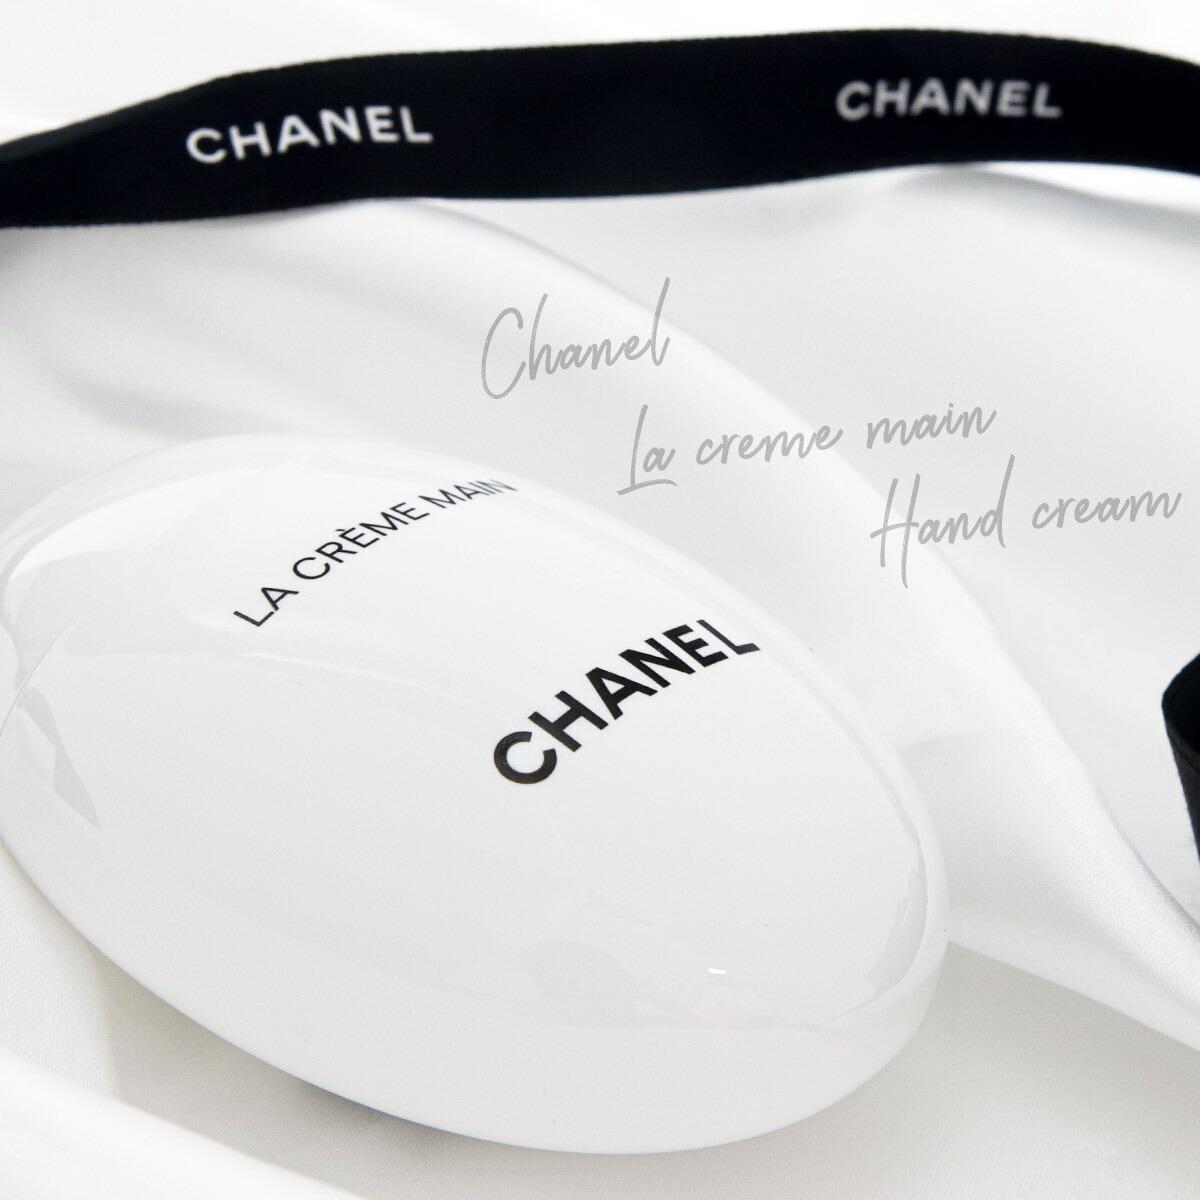 シャネル CHANEL ミラー コンパクトミラー ミロワール ドゥーブル ファセット ブラック